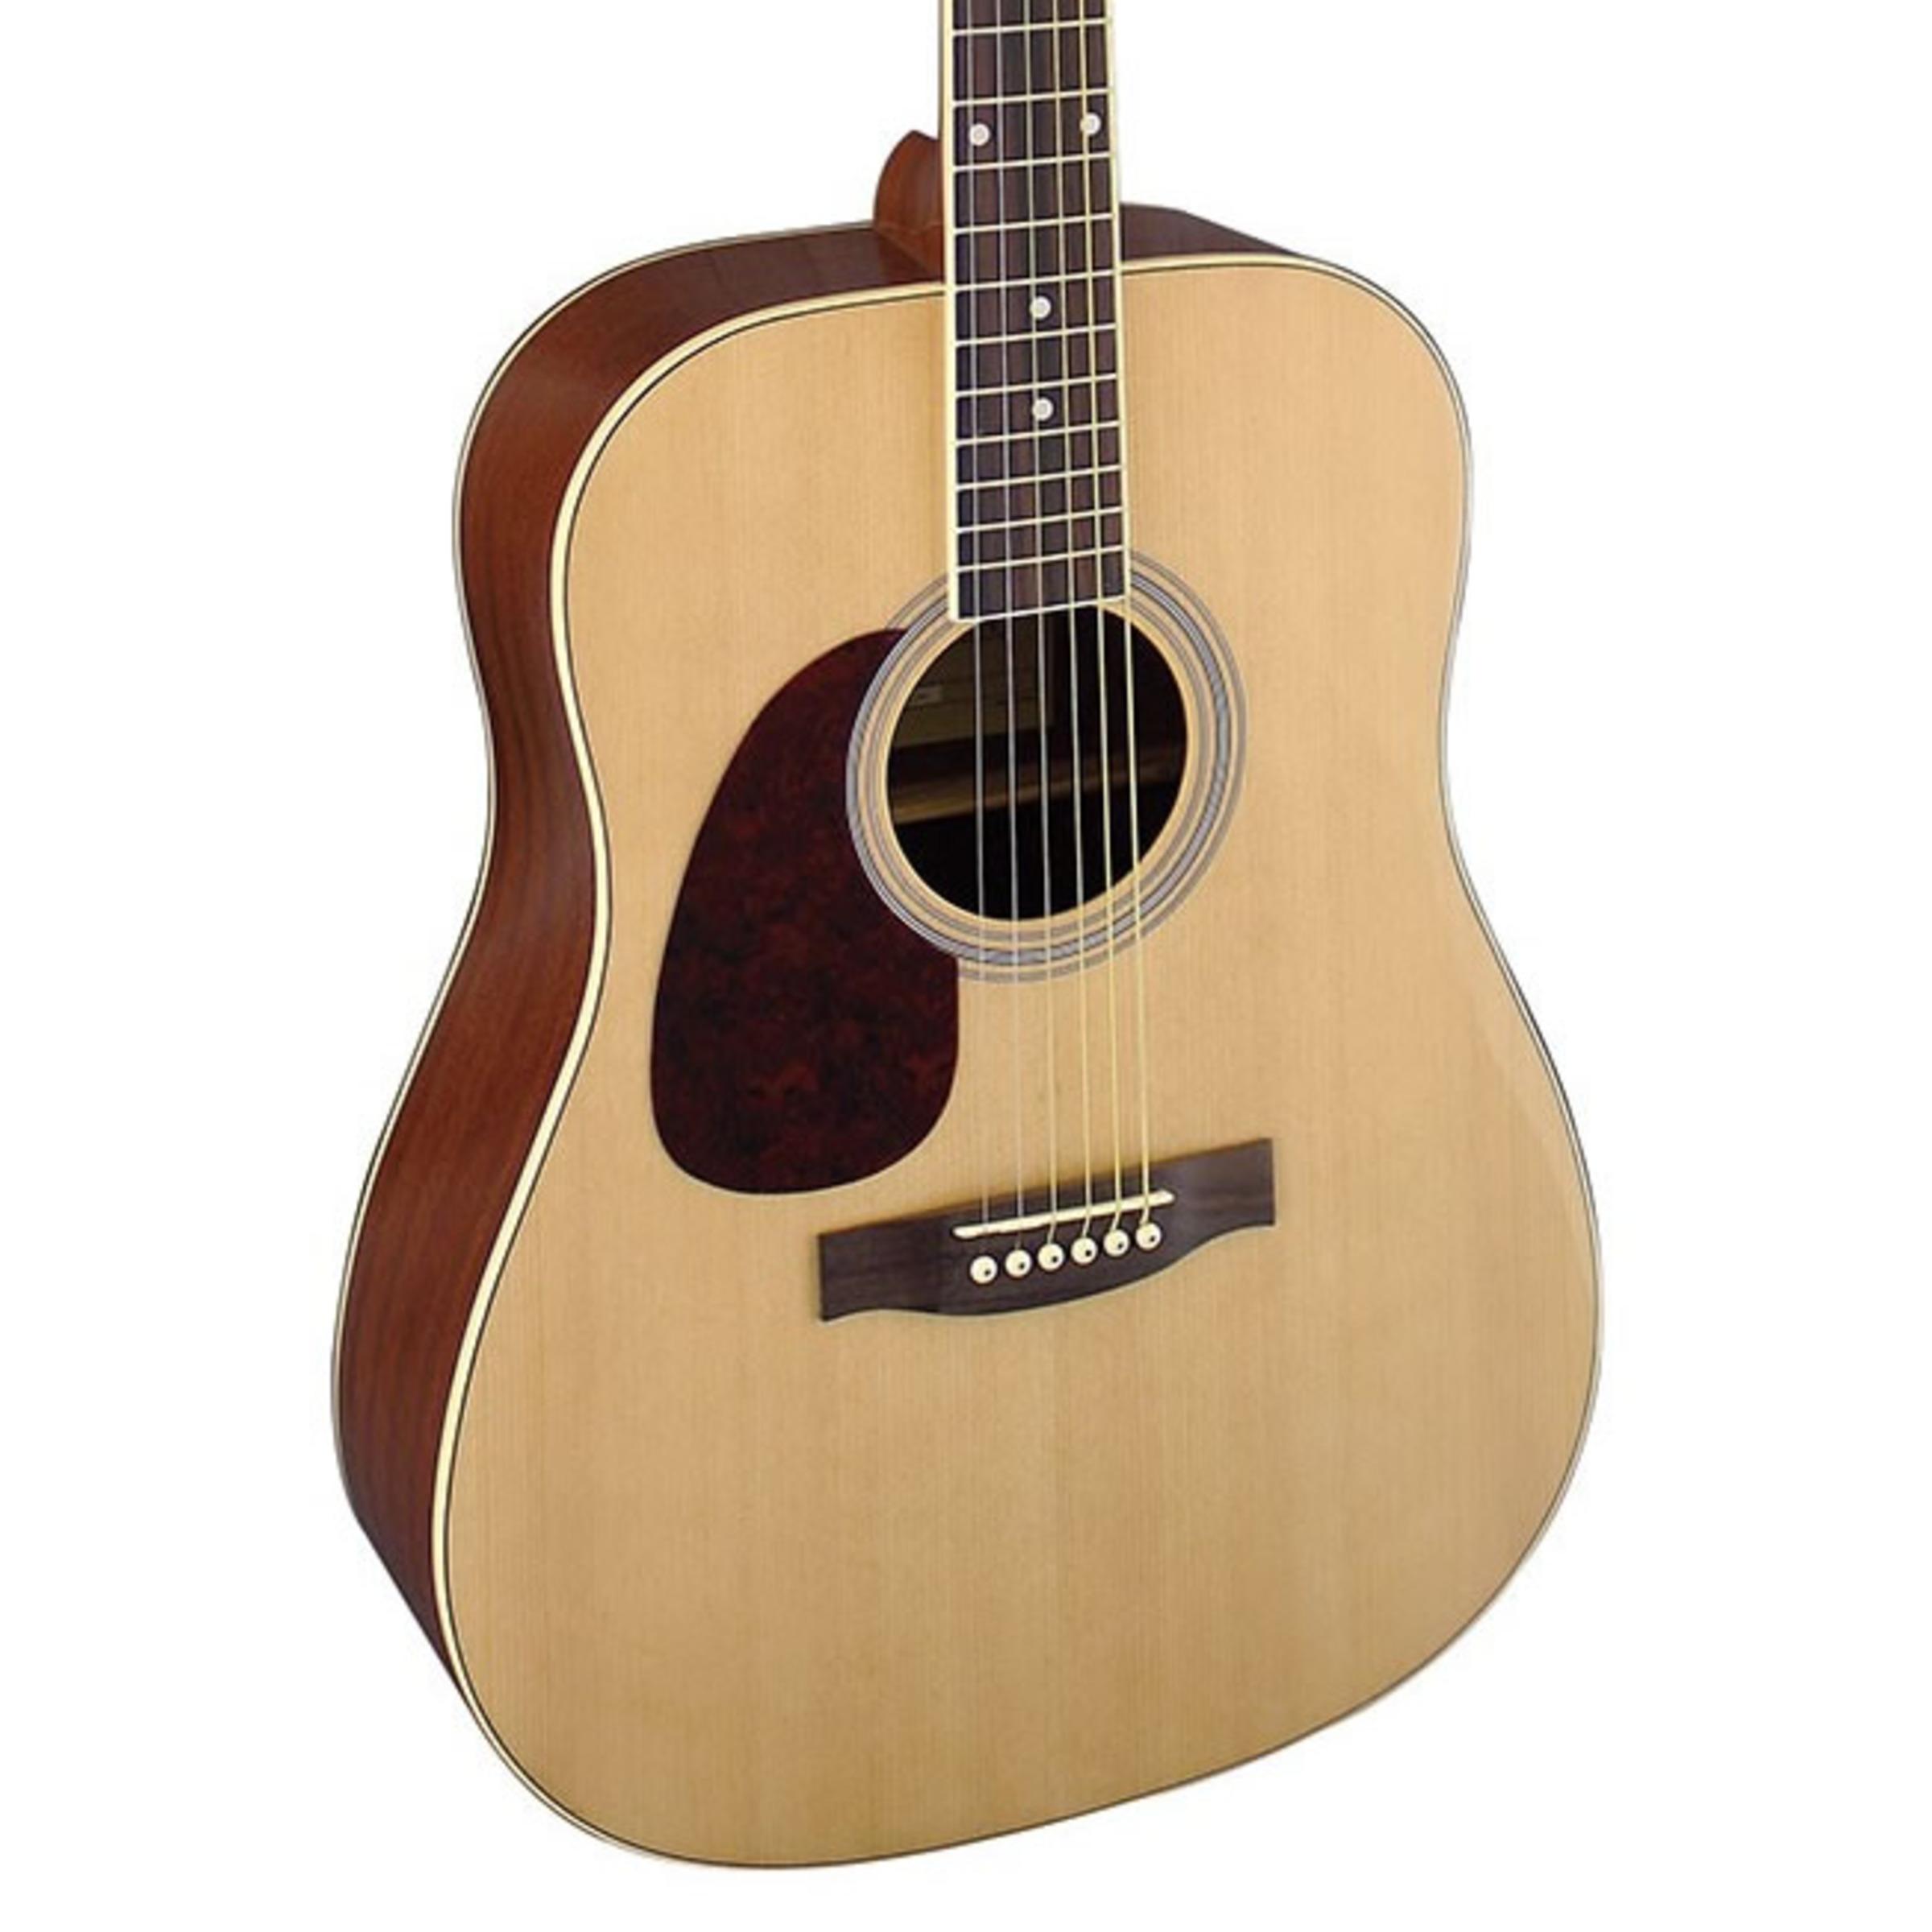 brunswick dreadnought left handed acoustic guitar natural giggear. Black Bedroom Furniture Sets. Home Design Ideas